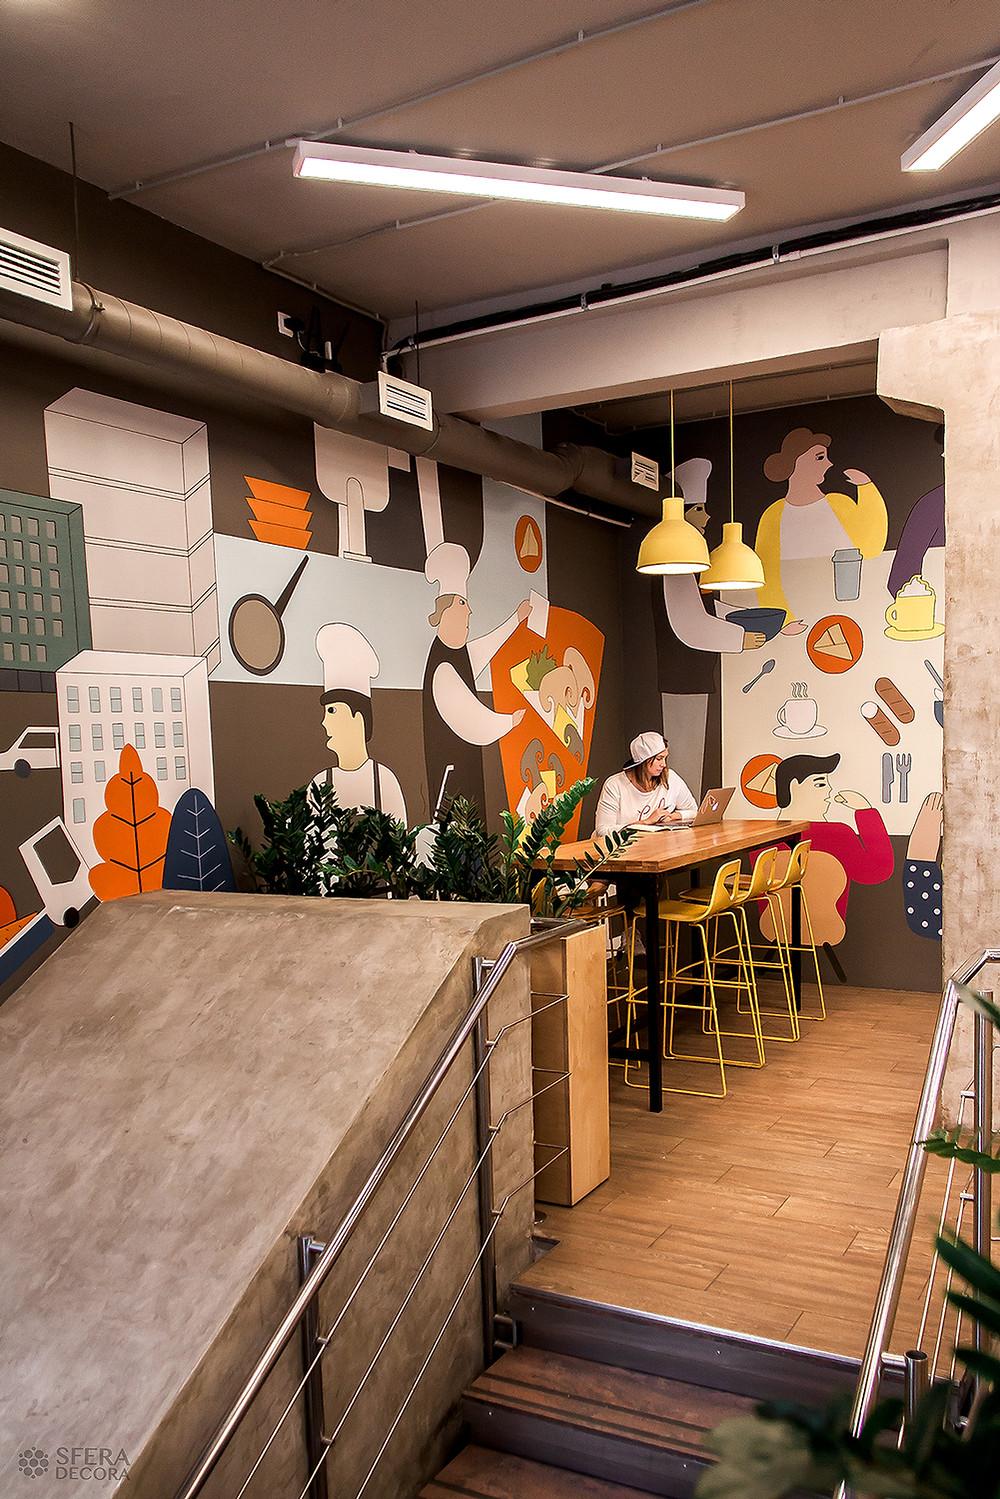 Художественная роспись стены от Sfera Decora. Чайная ложка на Лиговском, 44